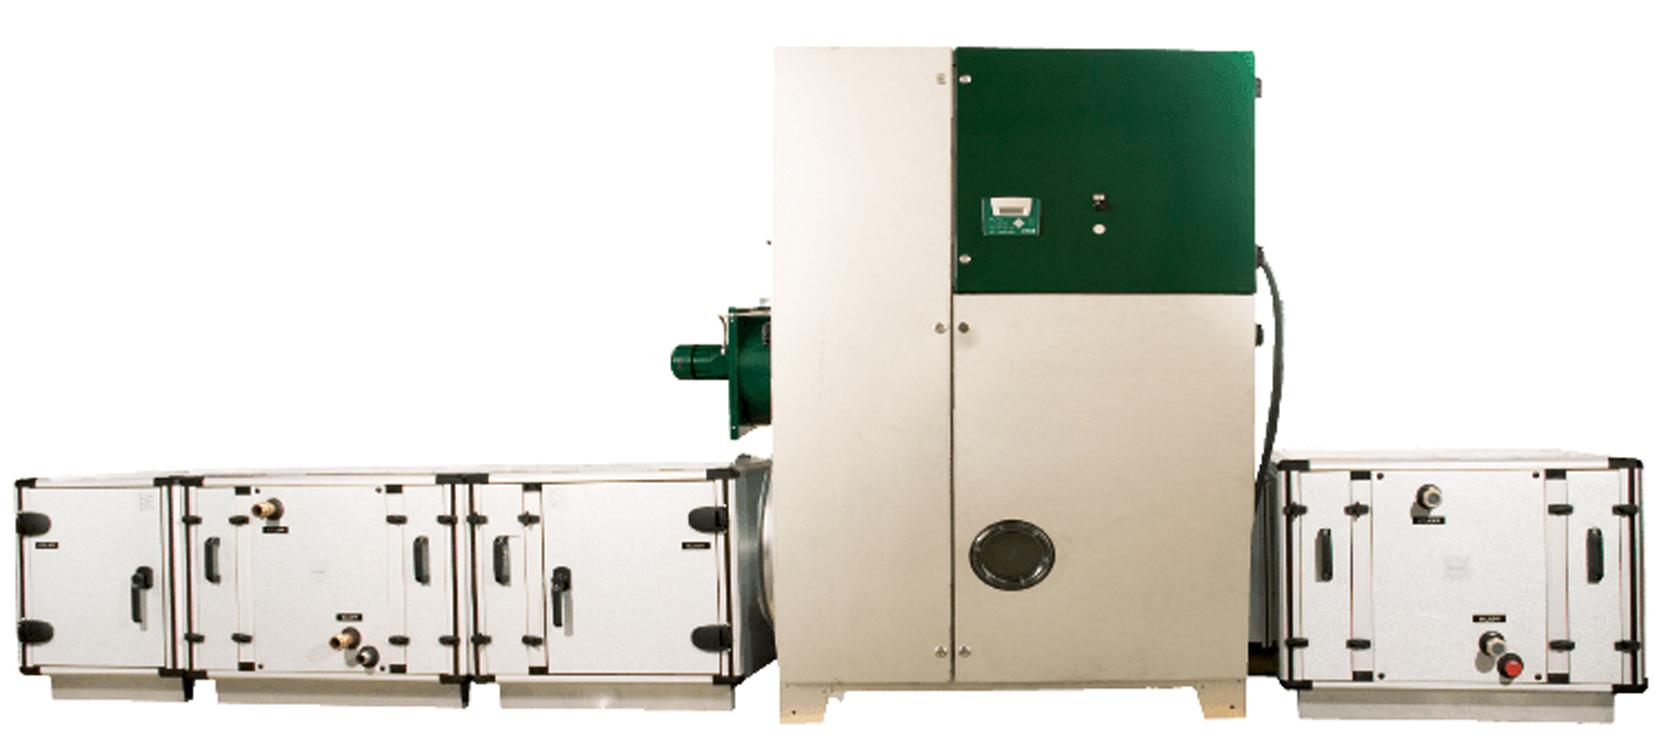 <p>CZ FLEX</p> - Industrial and comercial refrigeración equipment